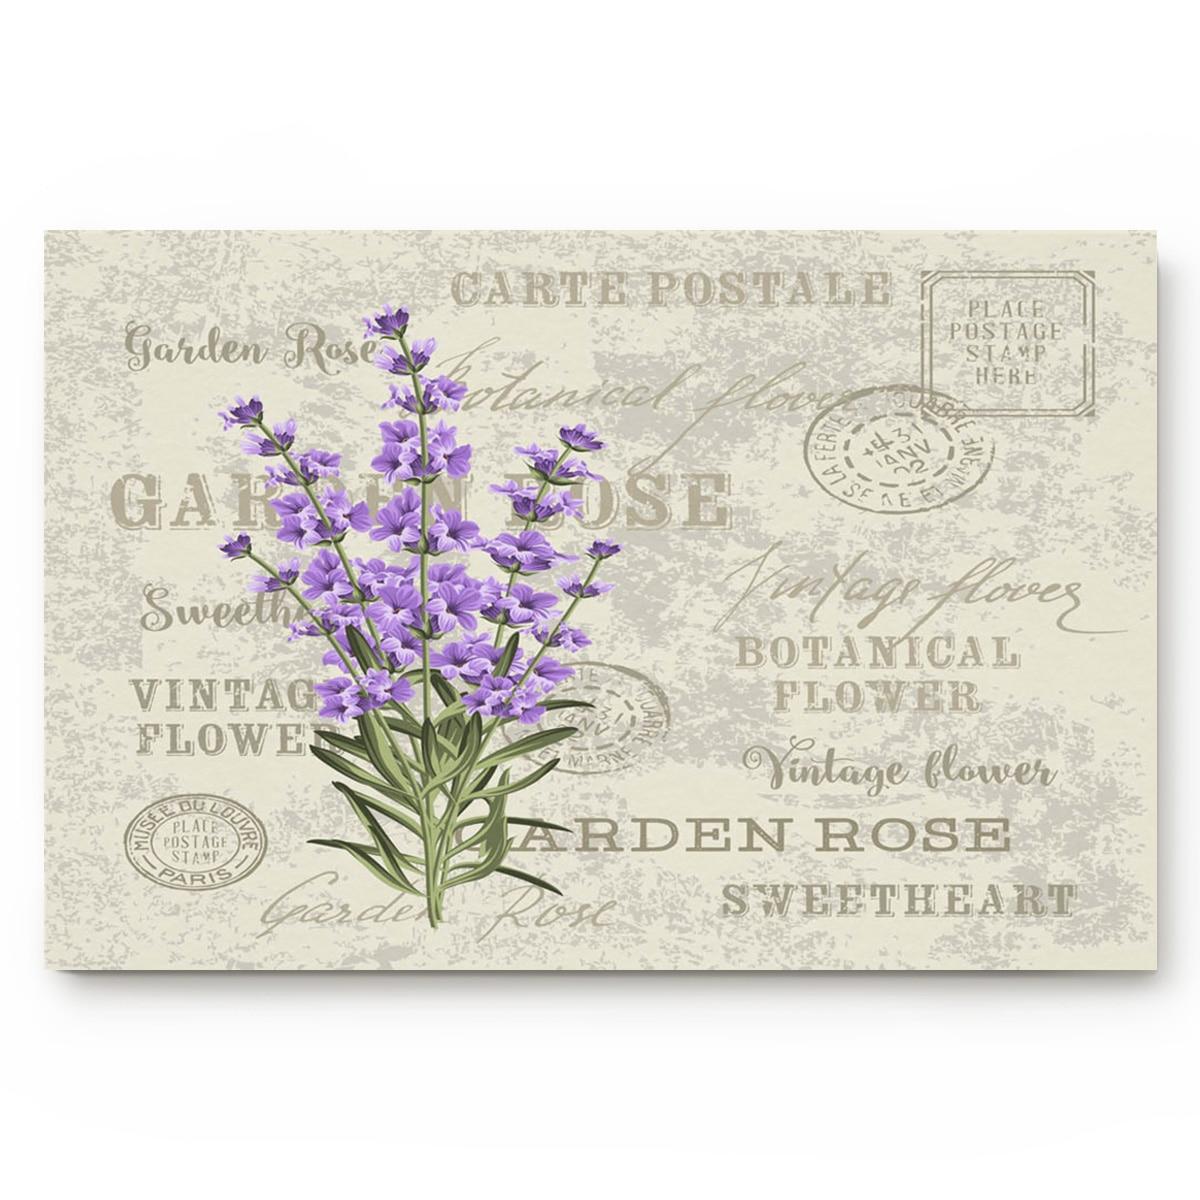 Нескользящий коврик для ванной комнаты, фиолетовый, лавандовый, с цветами, растениями, английские слова, аксессуары для ванной комнаты, гост...